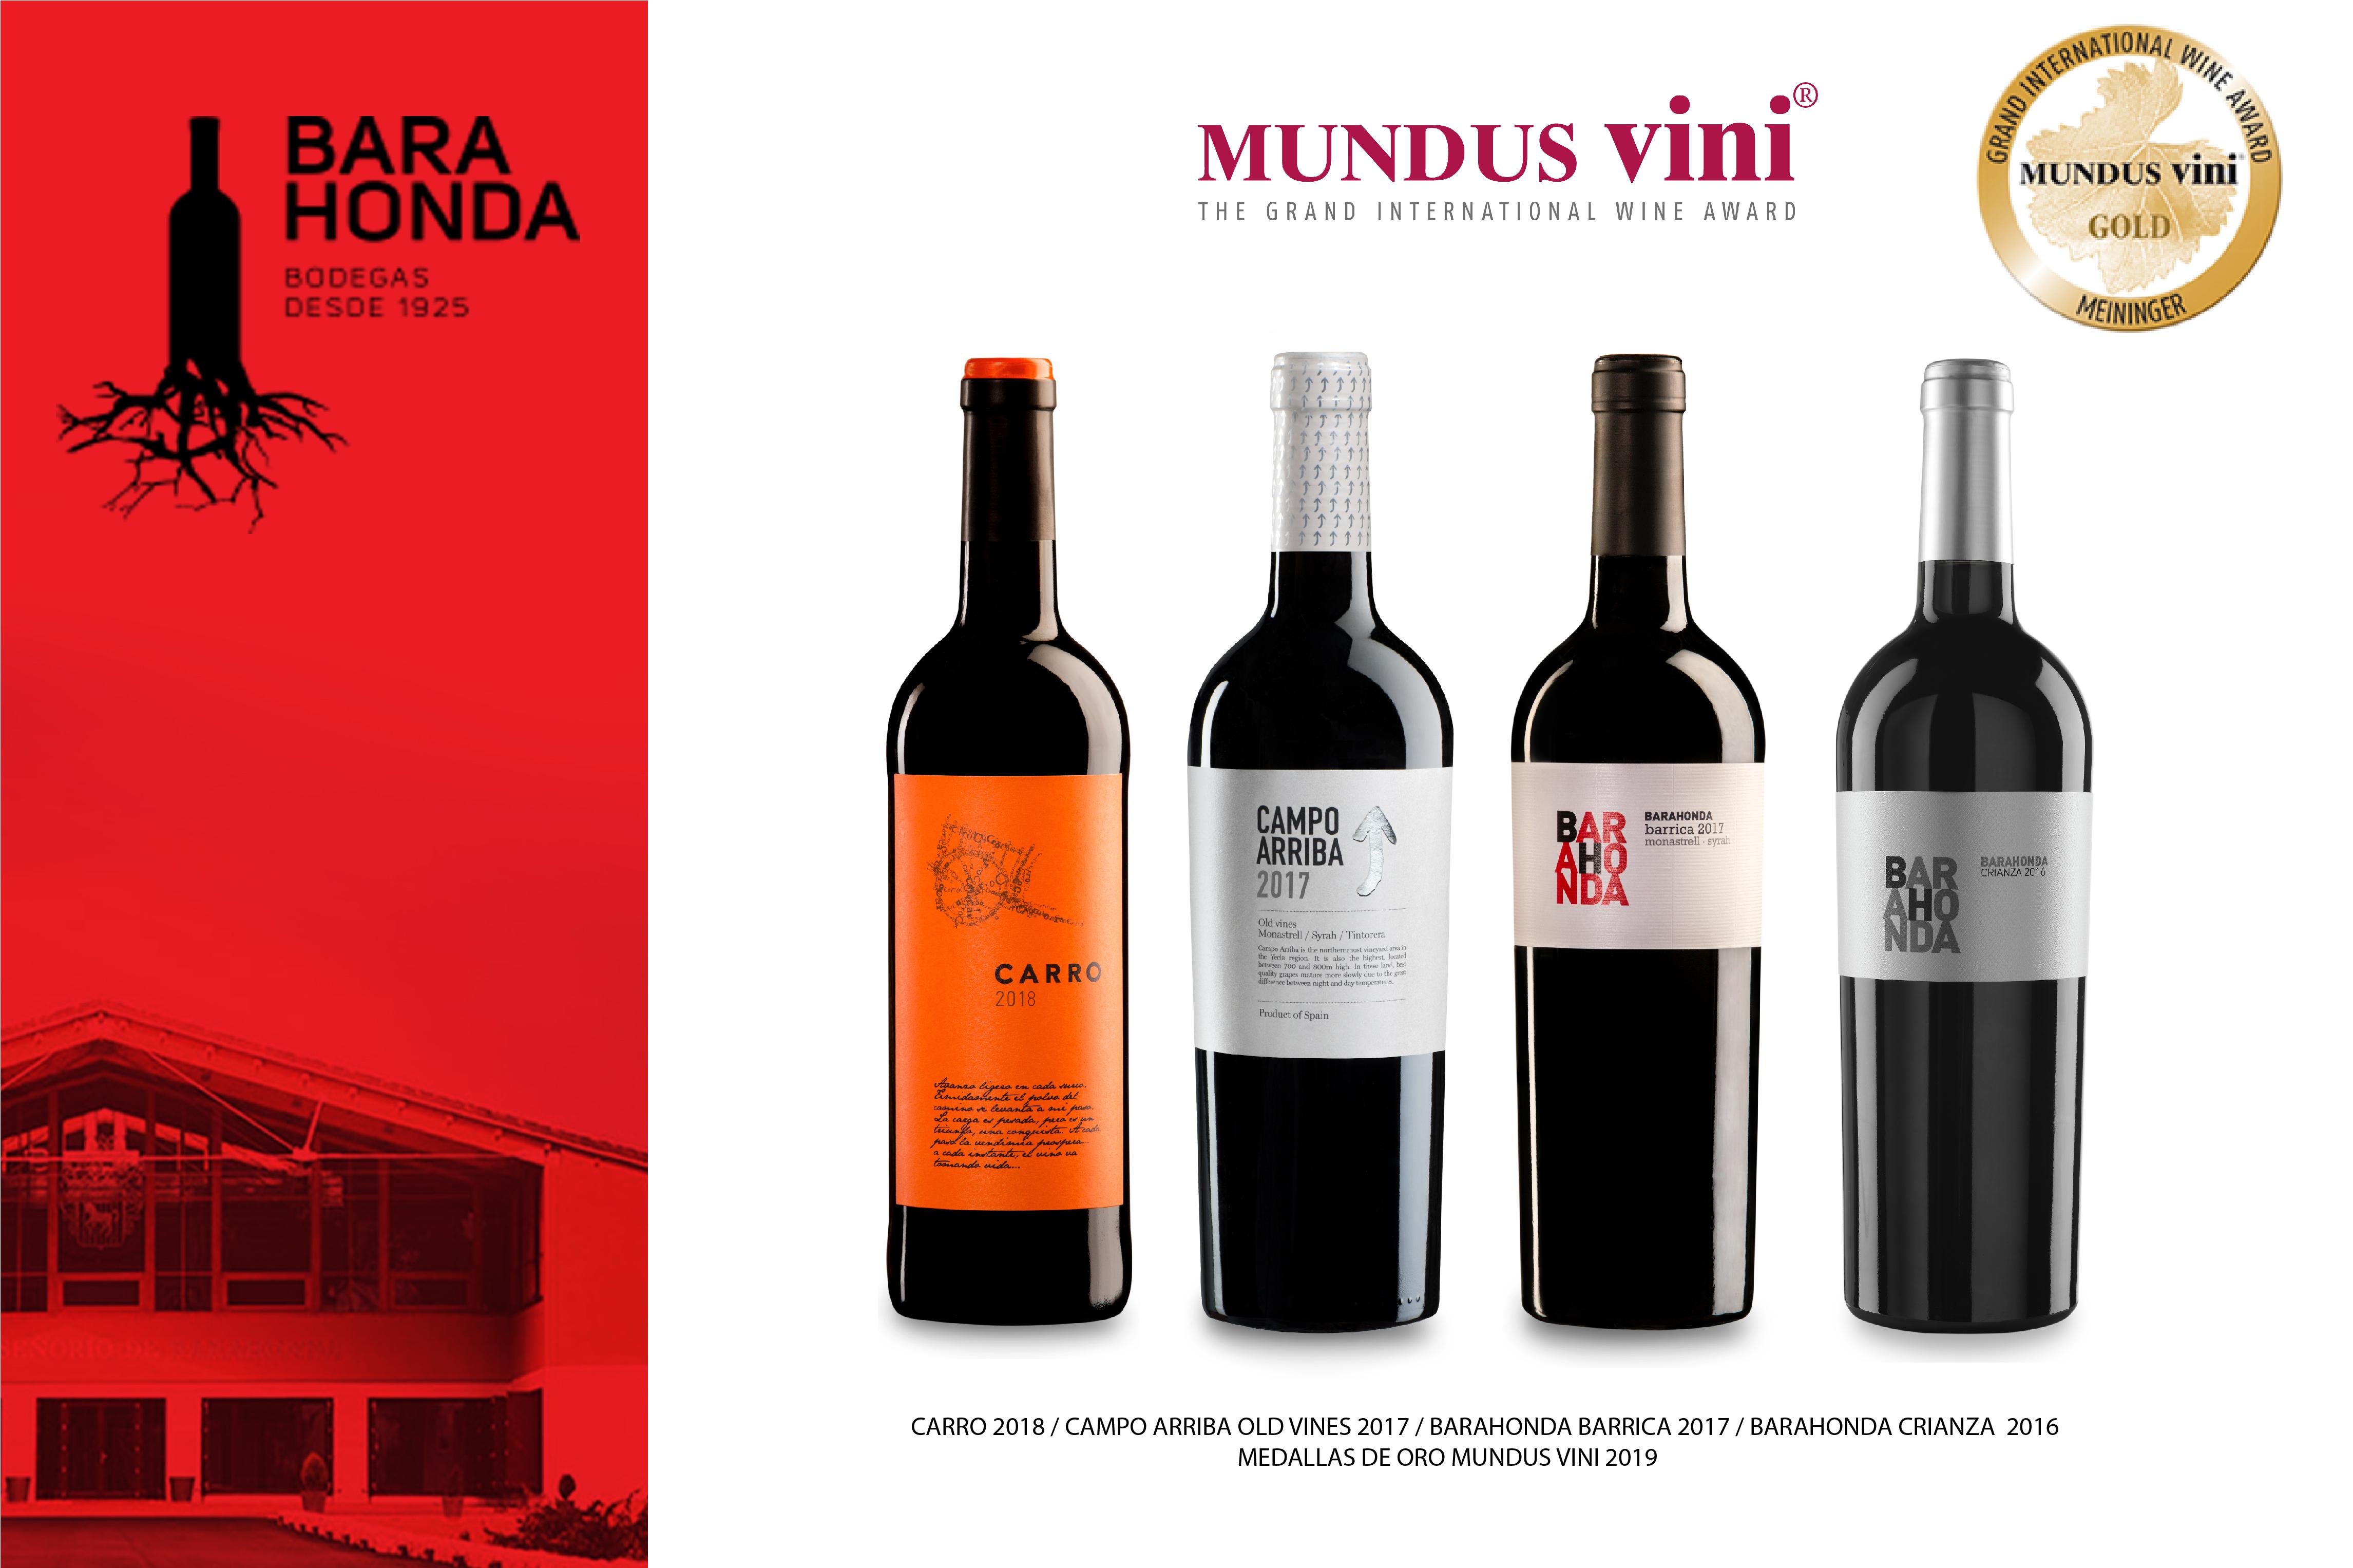 Cuatro vinos de Barahonda premiados con medalla de oro en Mundus Vini